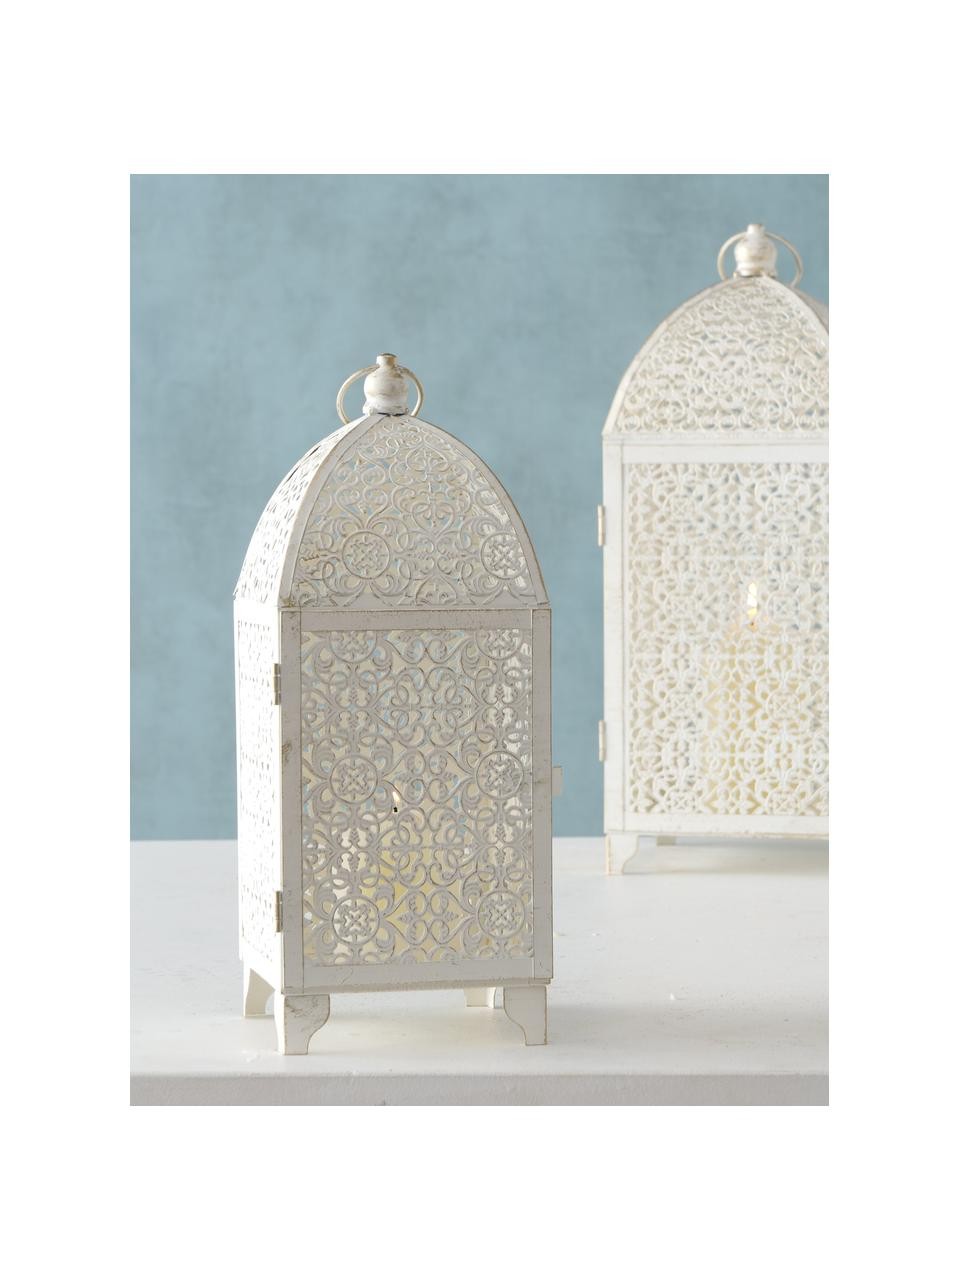 Set de farolillos Oleano, 2uds., Estructura: metal recubierto, Blanco con efecto envejecido, Set de diferentes tamaños